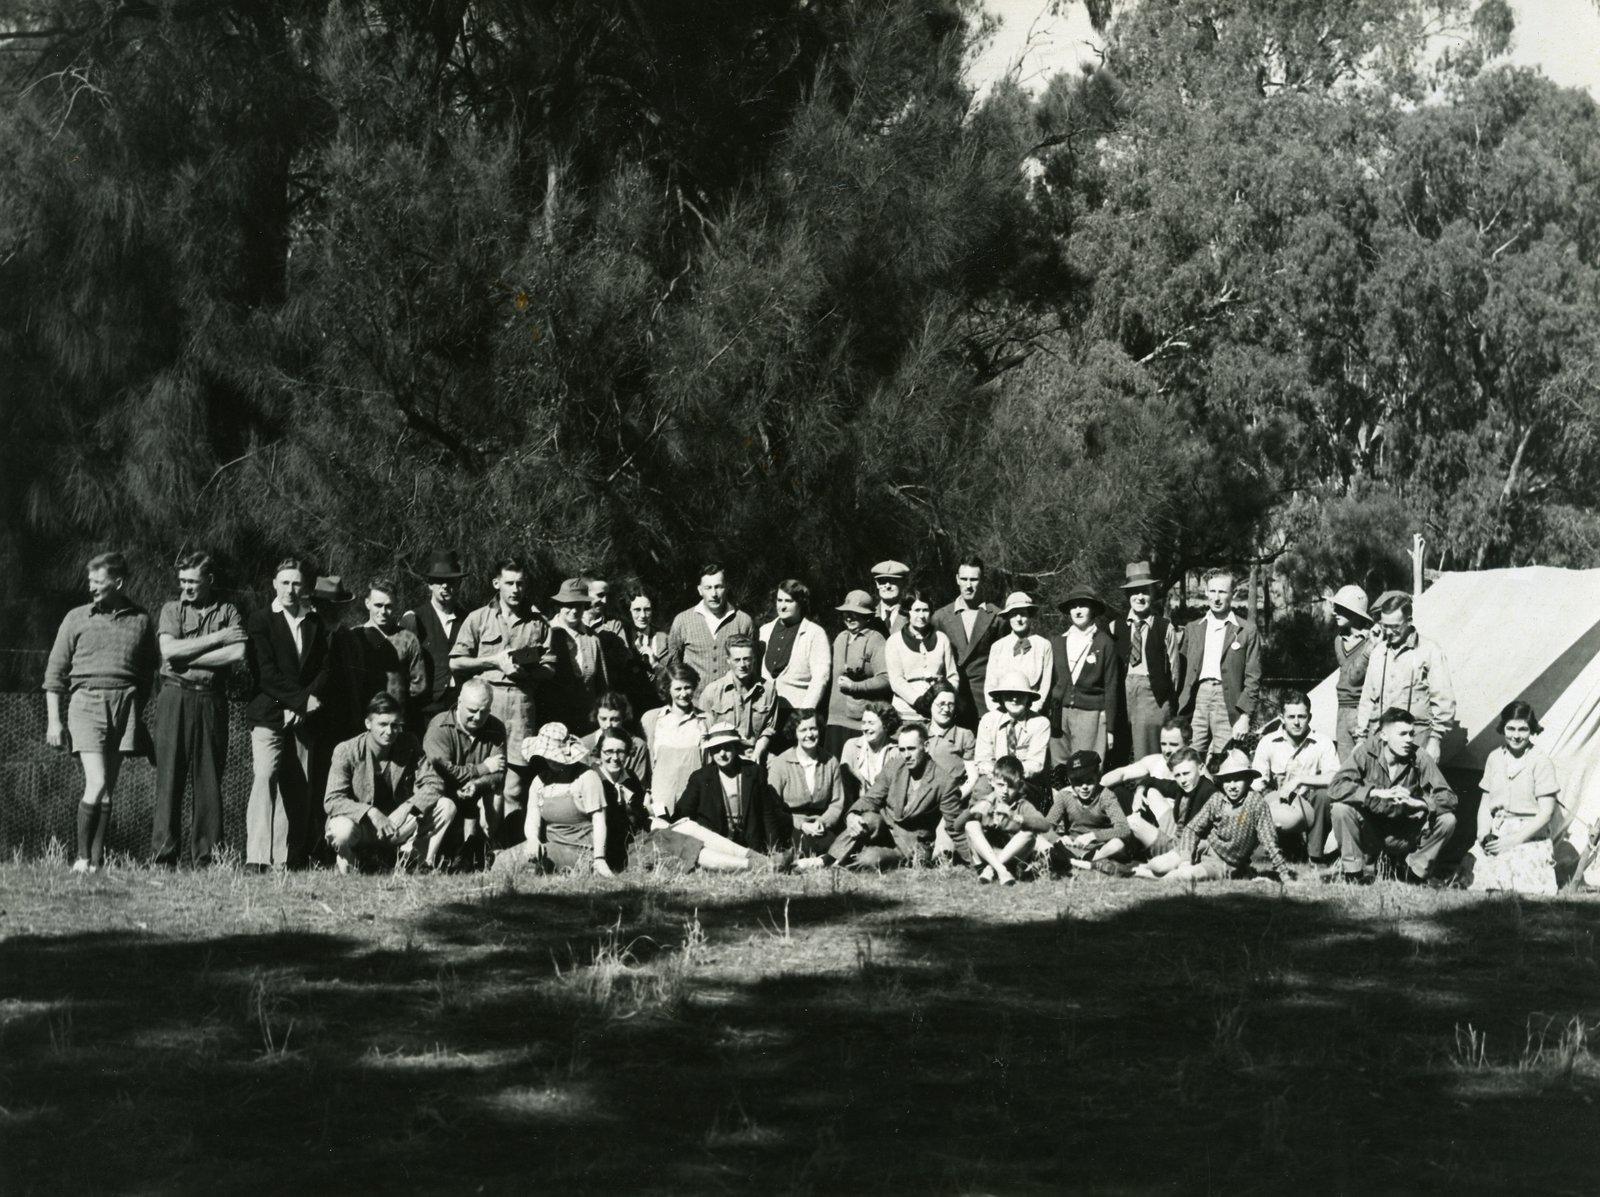 Gould League camp 1937